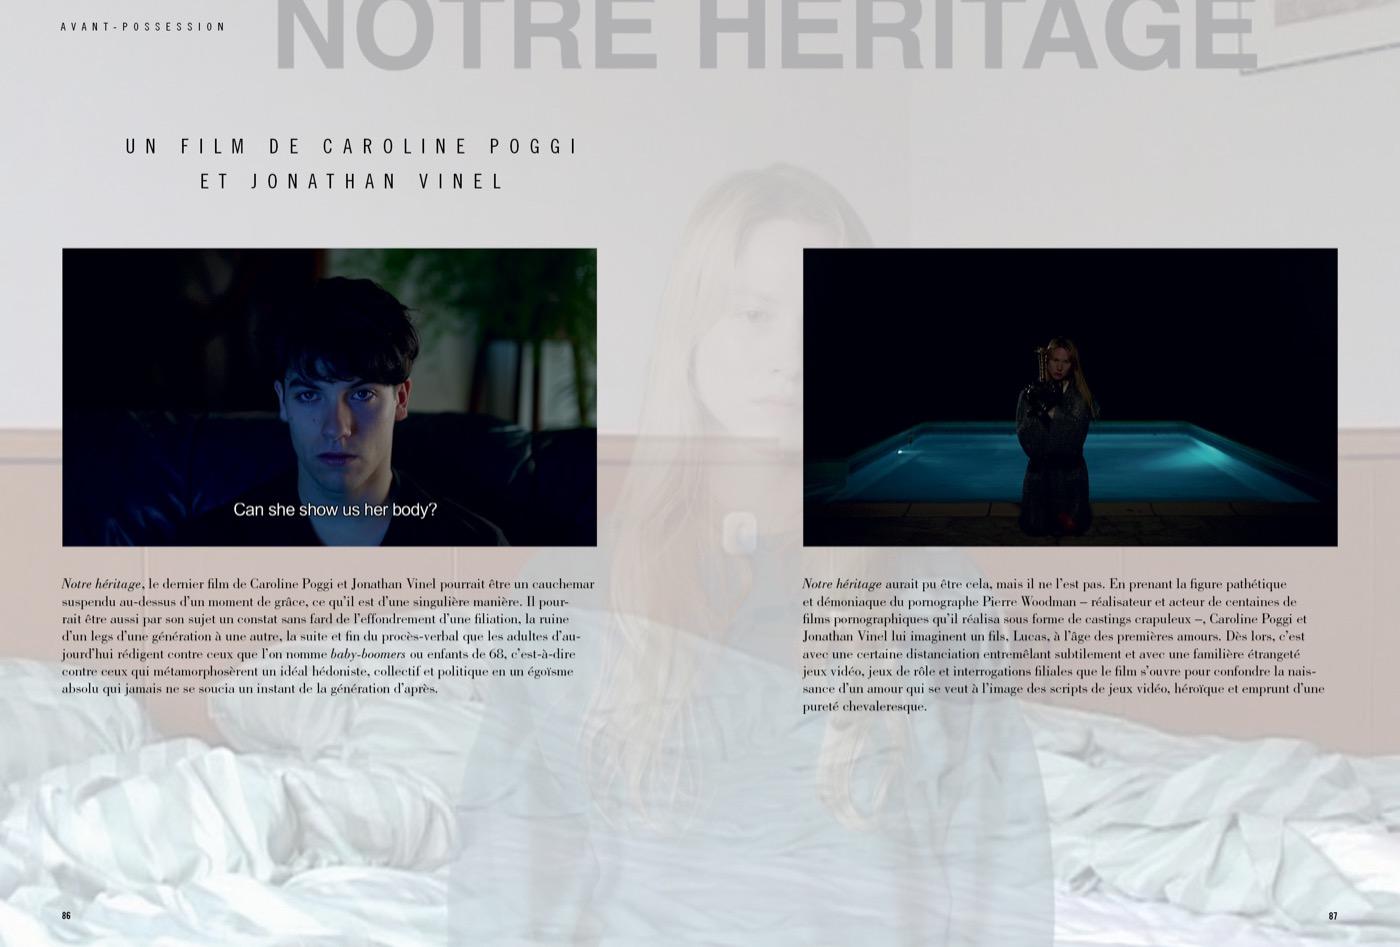 Présentation du film de Caroline Poggi et Jonathan Vinel, Notre Héritage